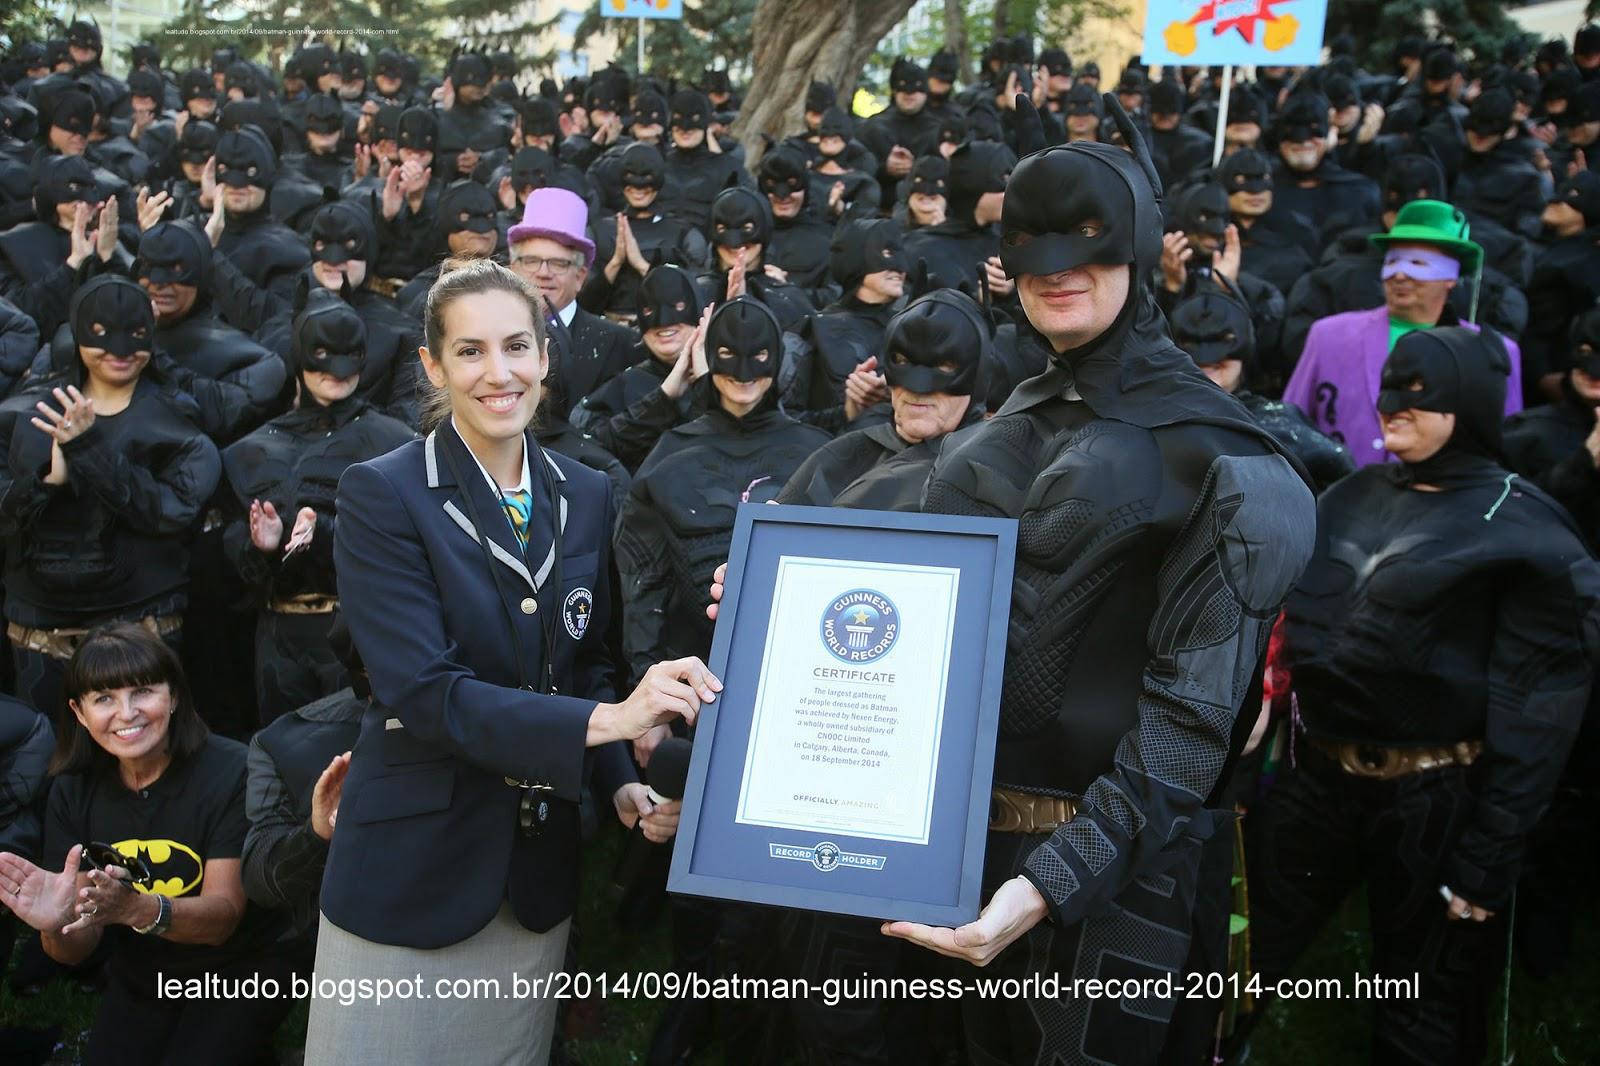 BATMAN GUINNESS WORLD RECORD 2014 com 542 Pessoas Vestidas Batem o Novo Recorde Fotos Foto